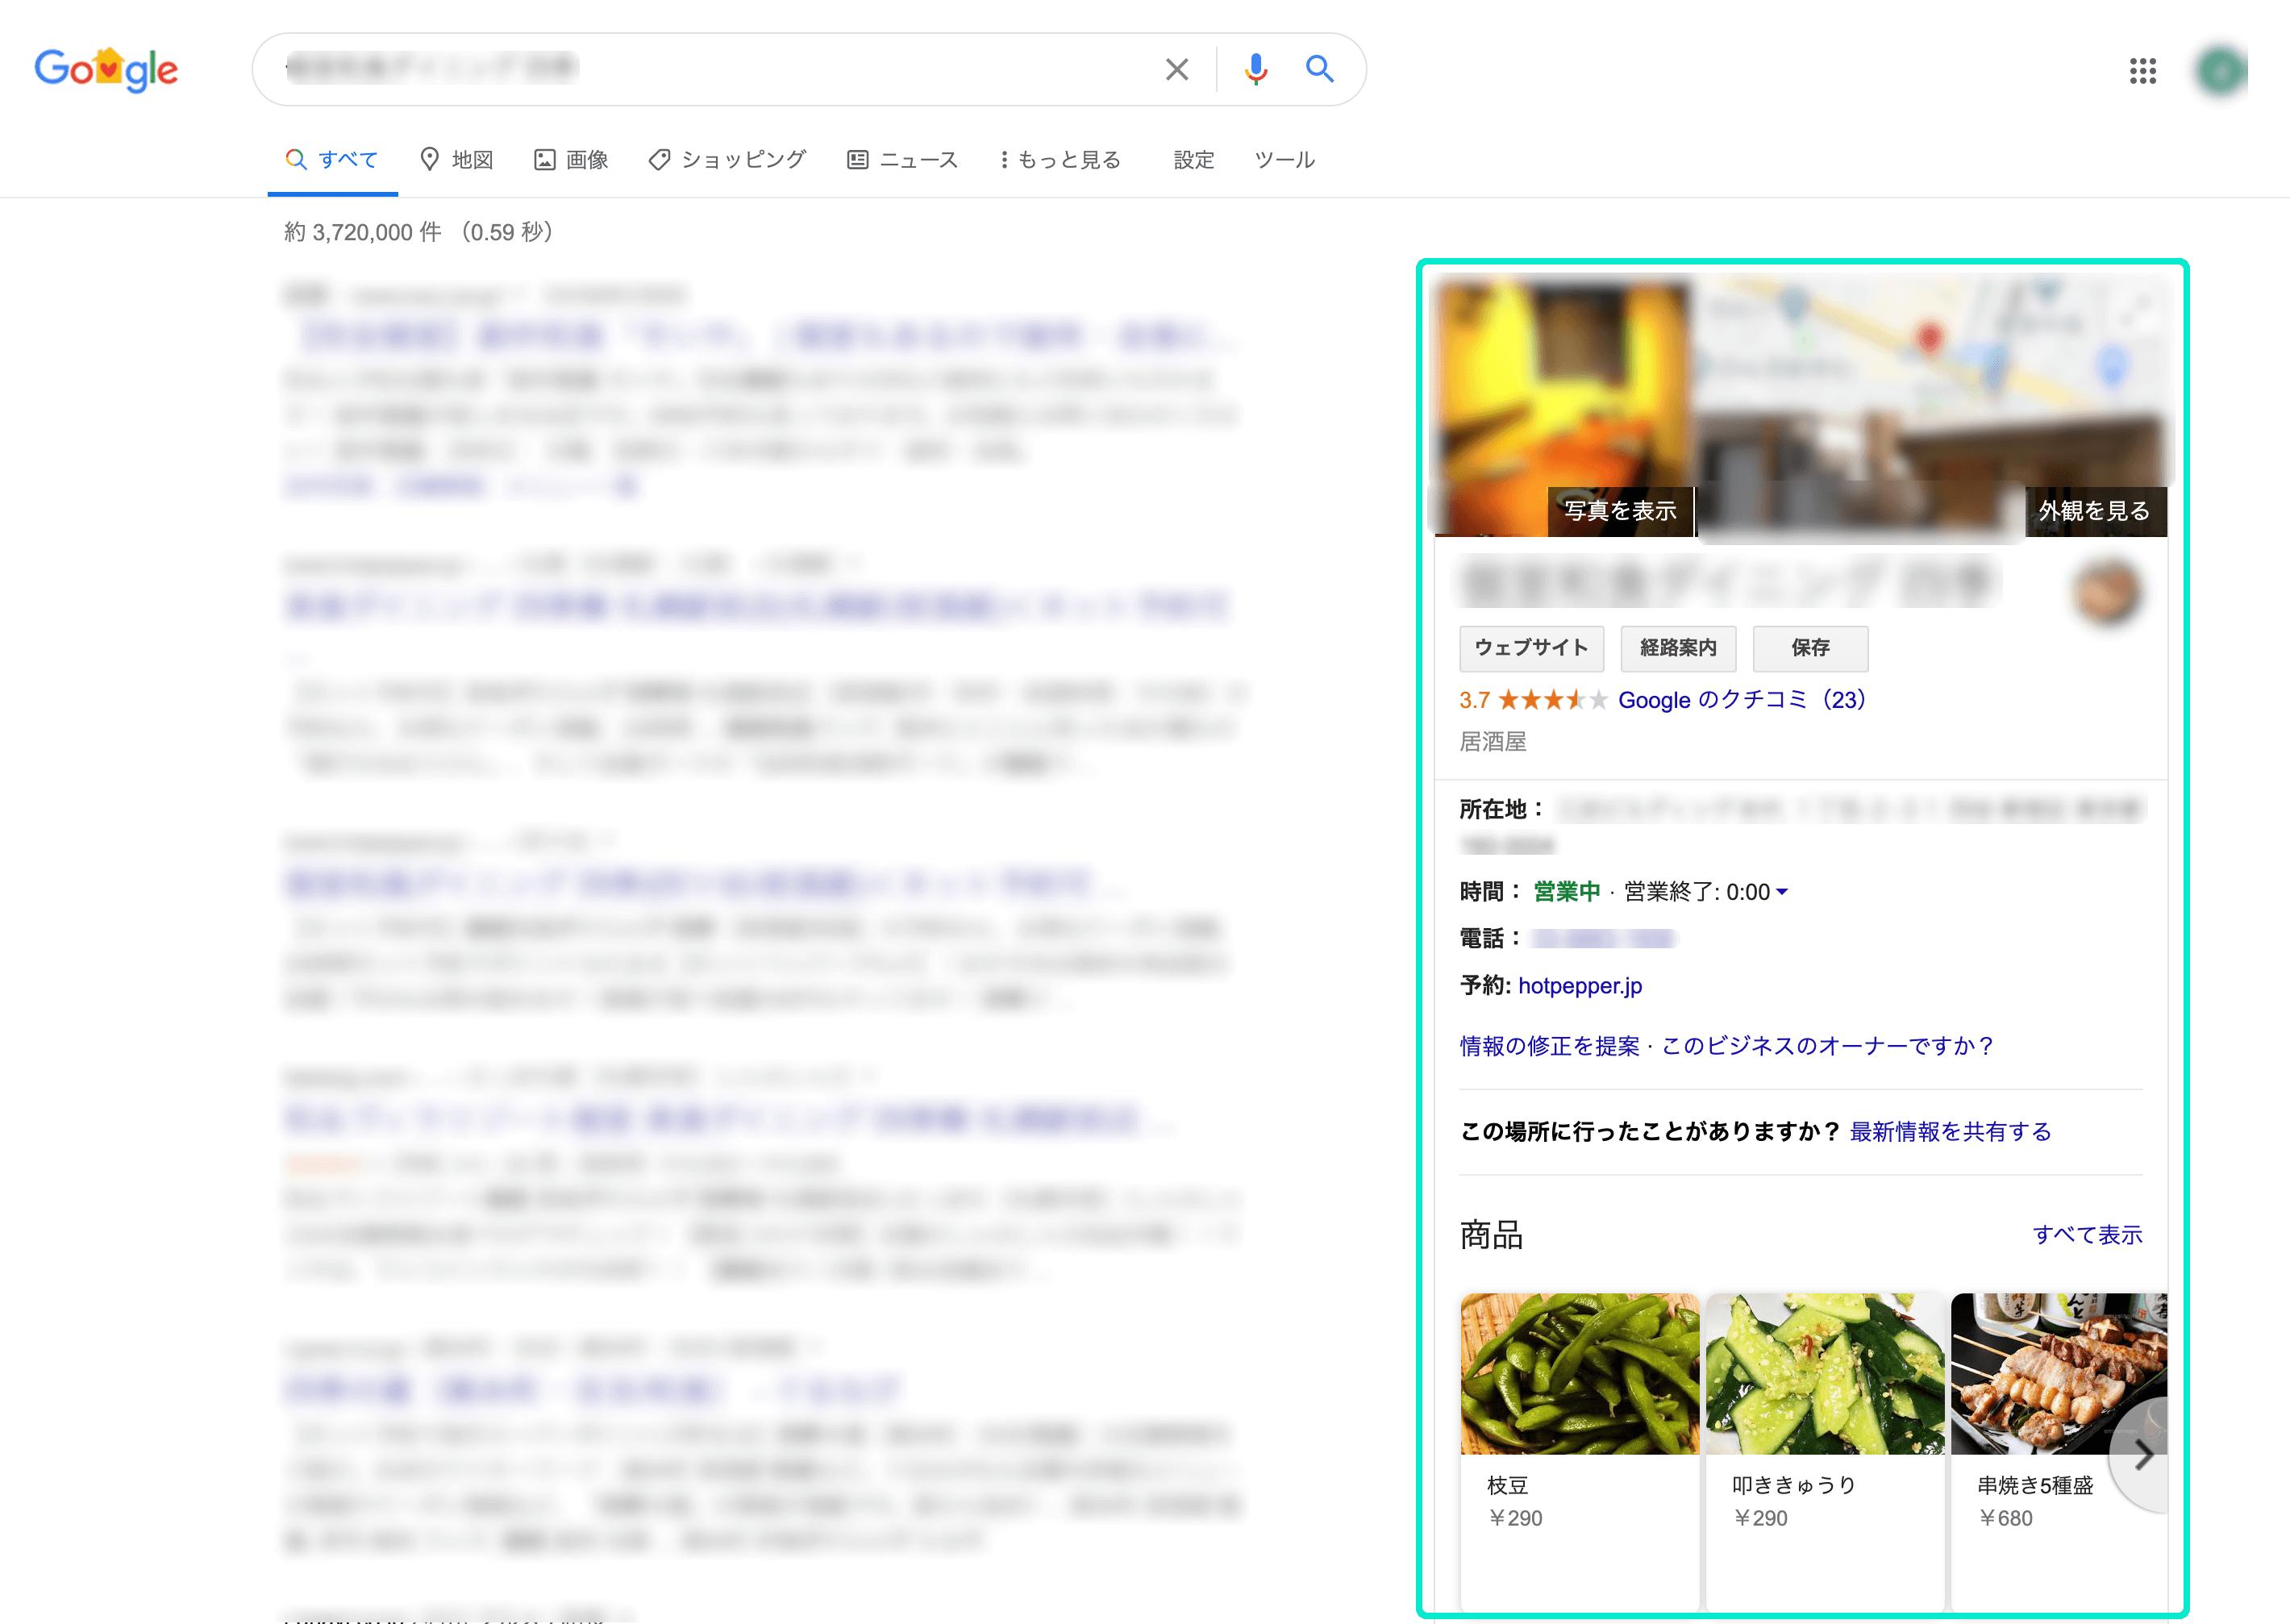 飲食店のGoogleマイビジネス-ナレッジパネル